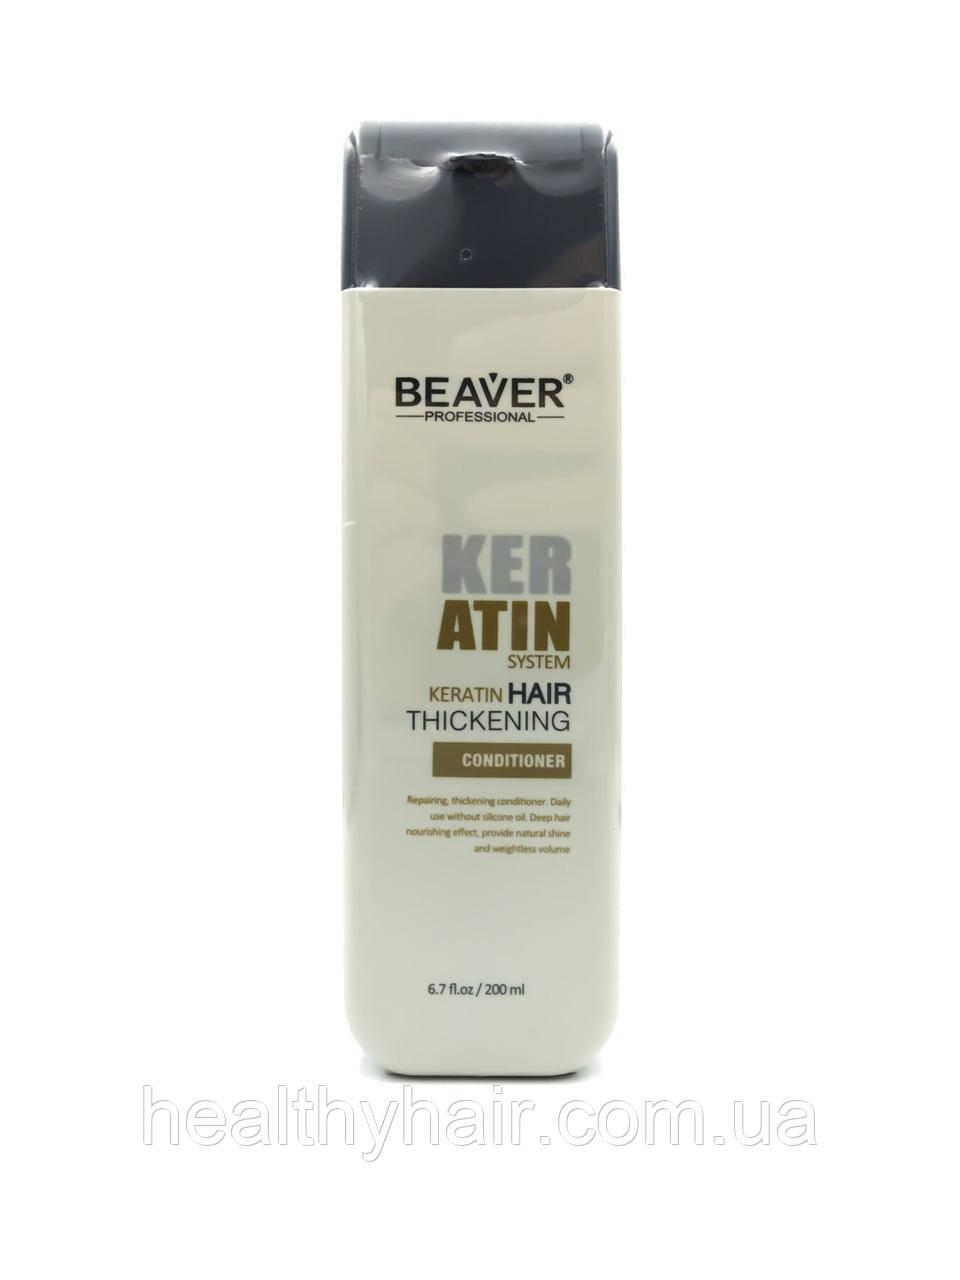 Beaver Keratin System Кондиционер с кератином для густоты и утолщения волос 200 мл